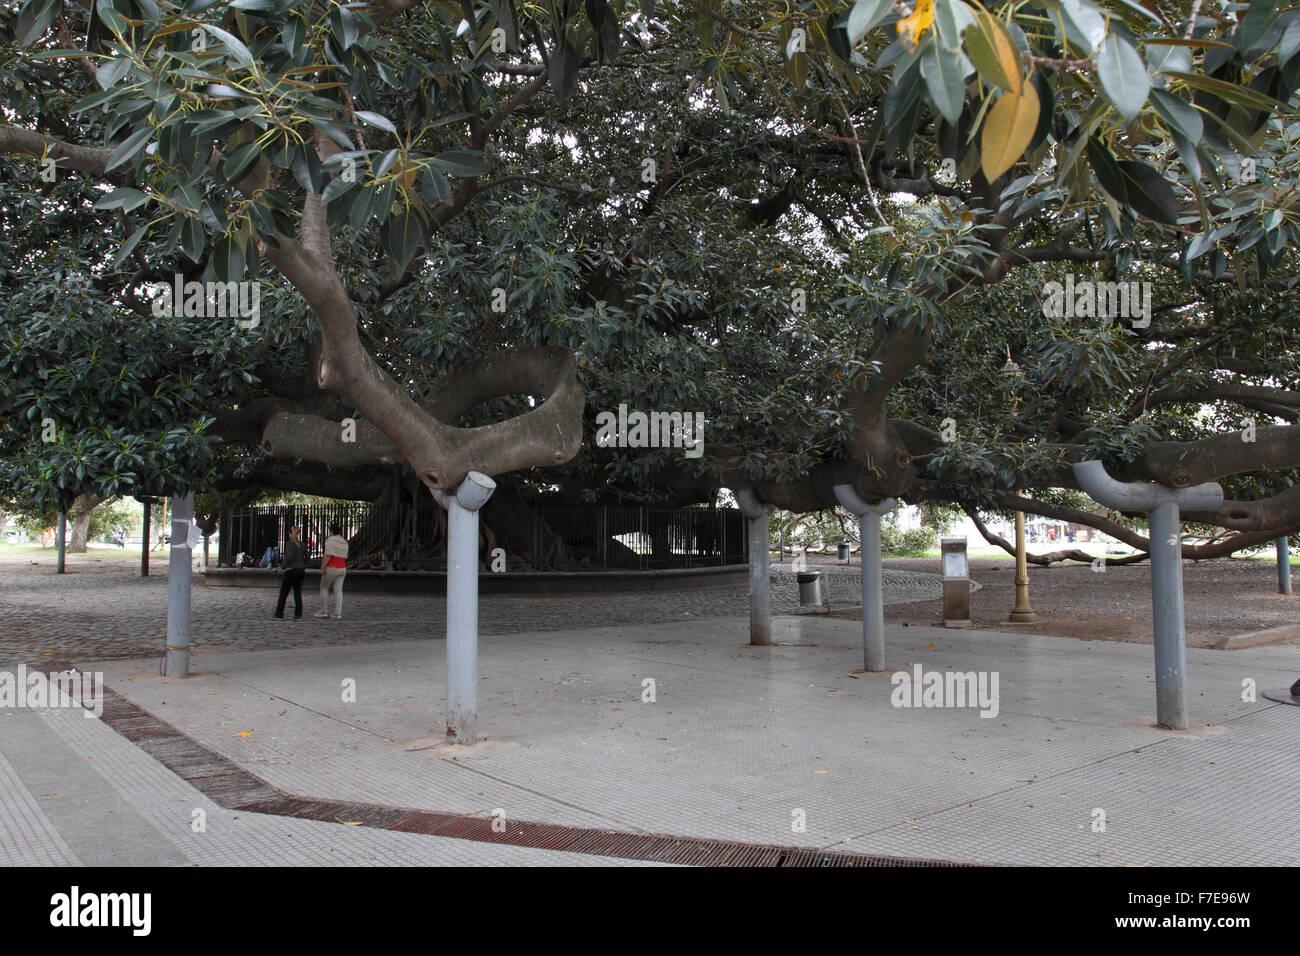 Massive Aufgestützt Baum In Buenos Aires Zu Verbreiten Mit